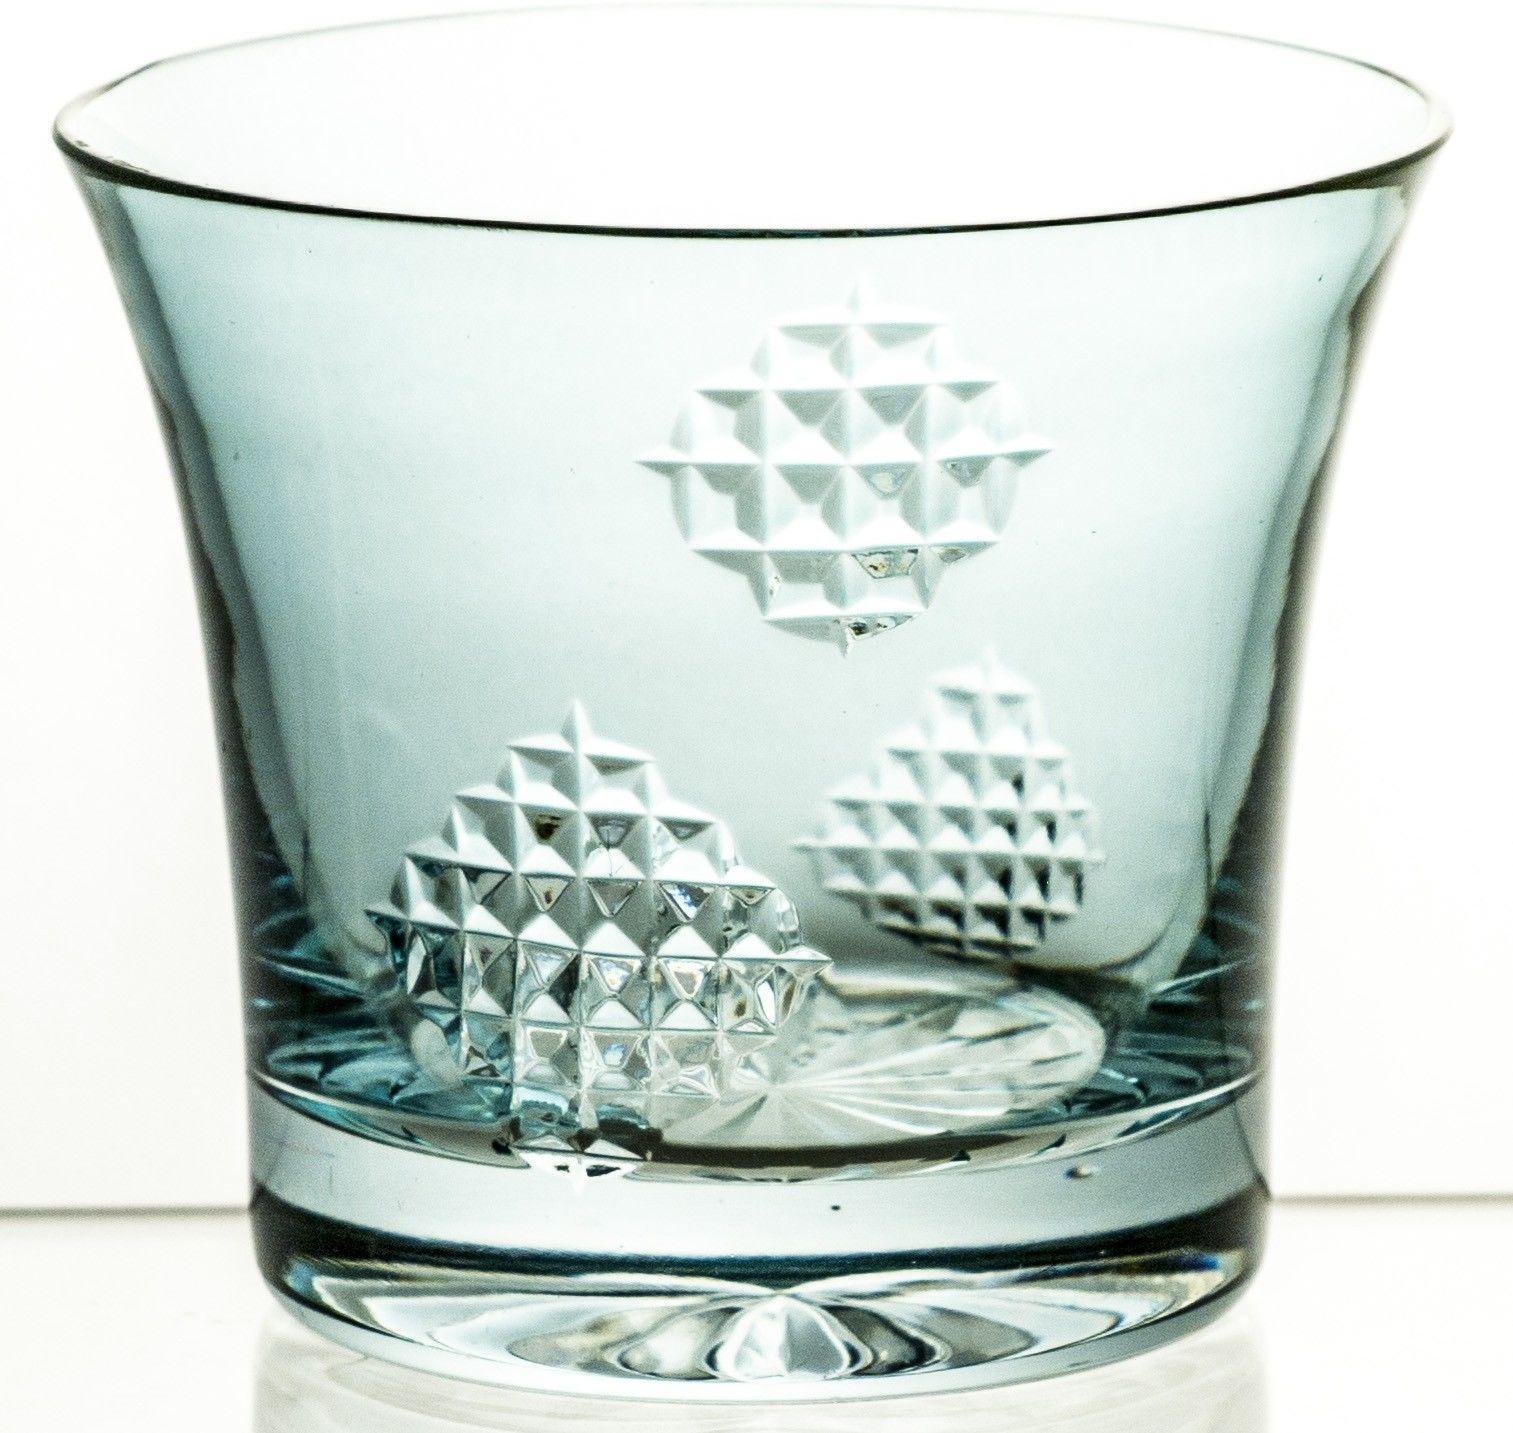 Szklanka kryształowa kolorowa do napojów łatki (10850)